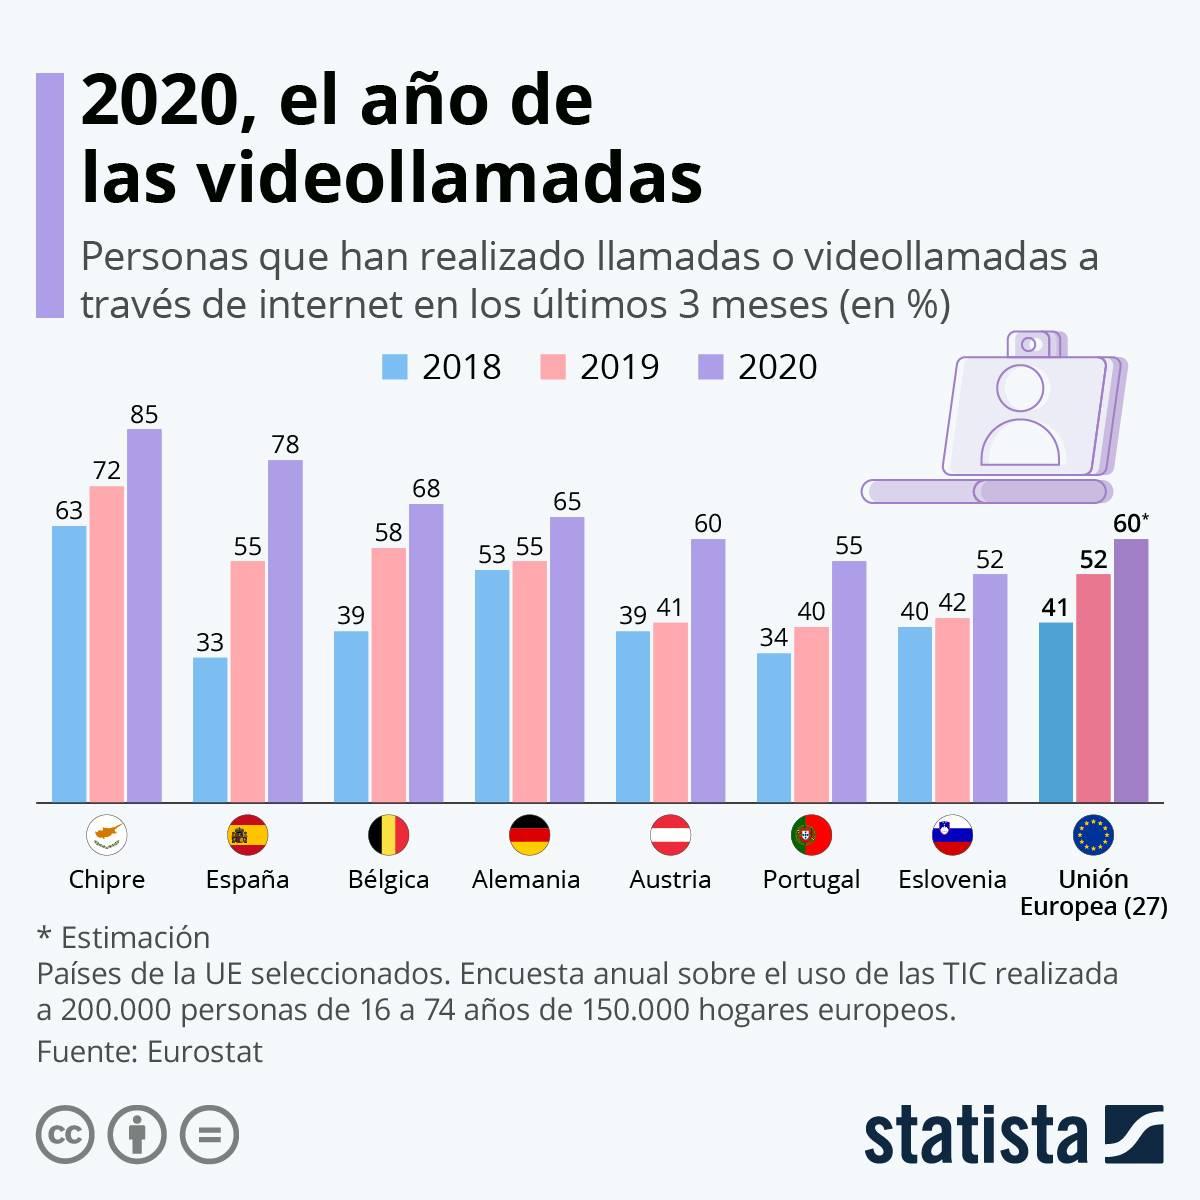 2020, el año de las videollamadas. | Statista